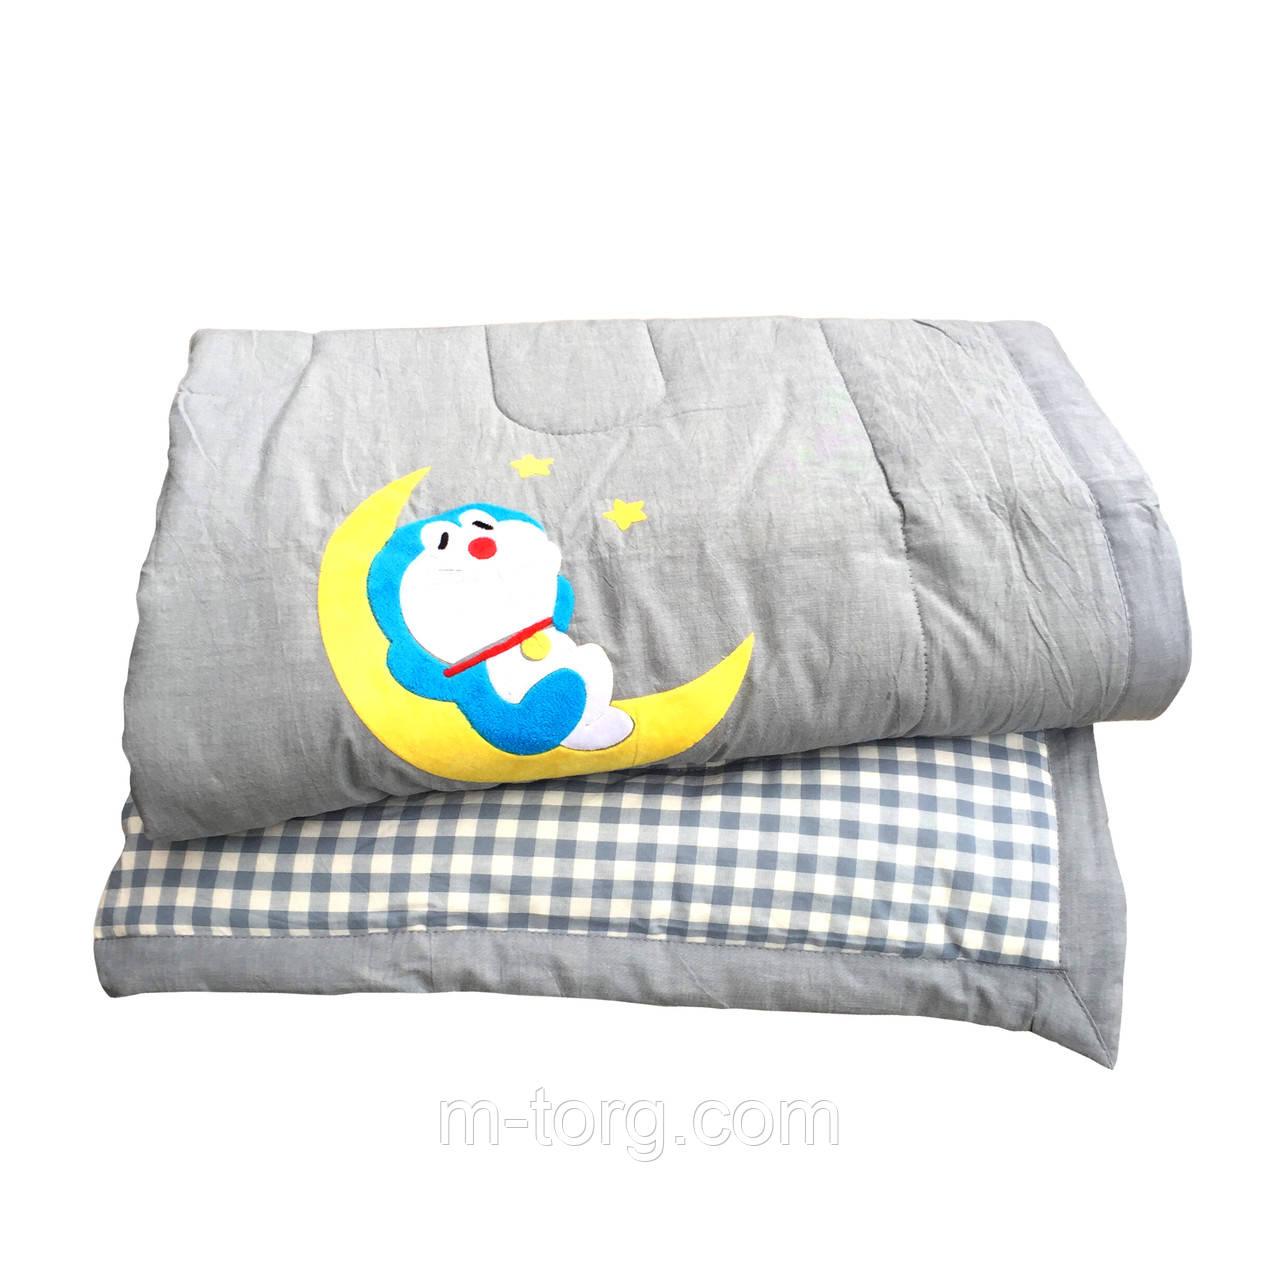 Дитяче ковдру холлофайбер 110/140 см, тканина бавовна 100%